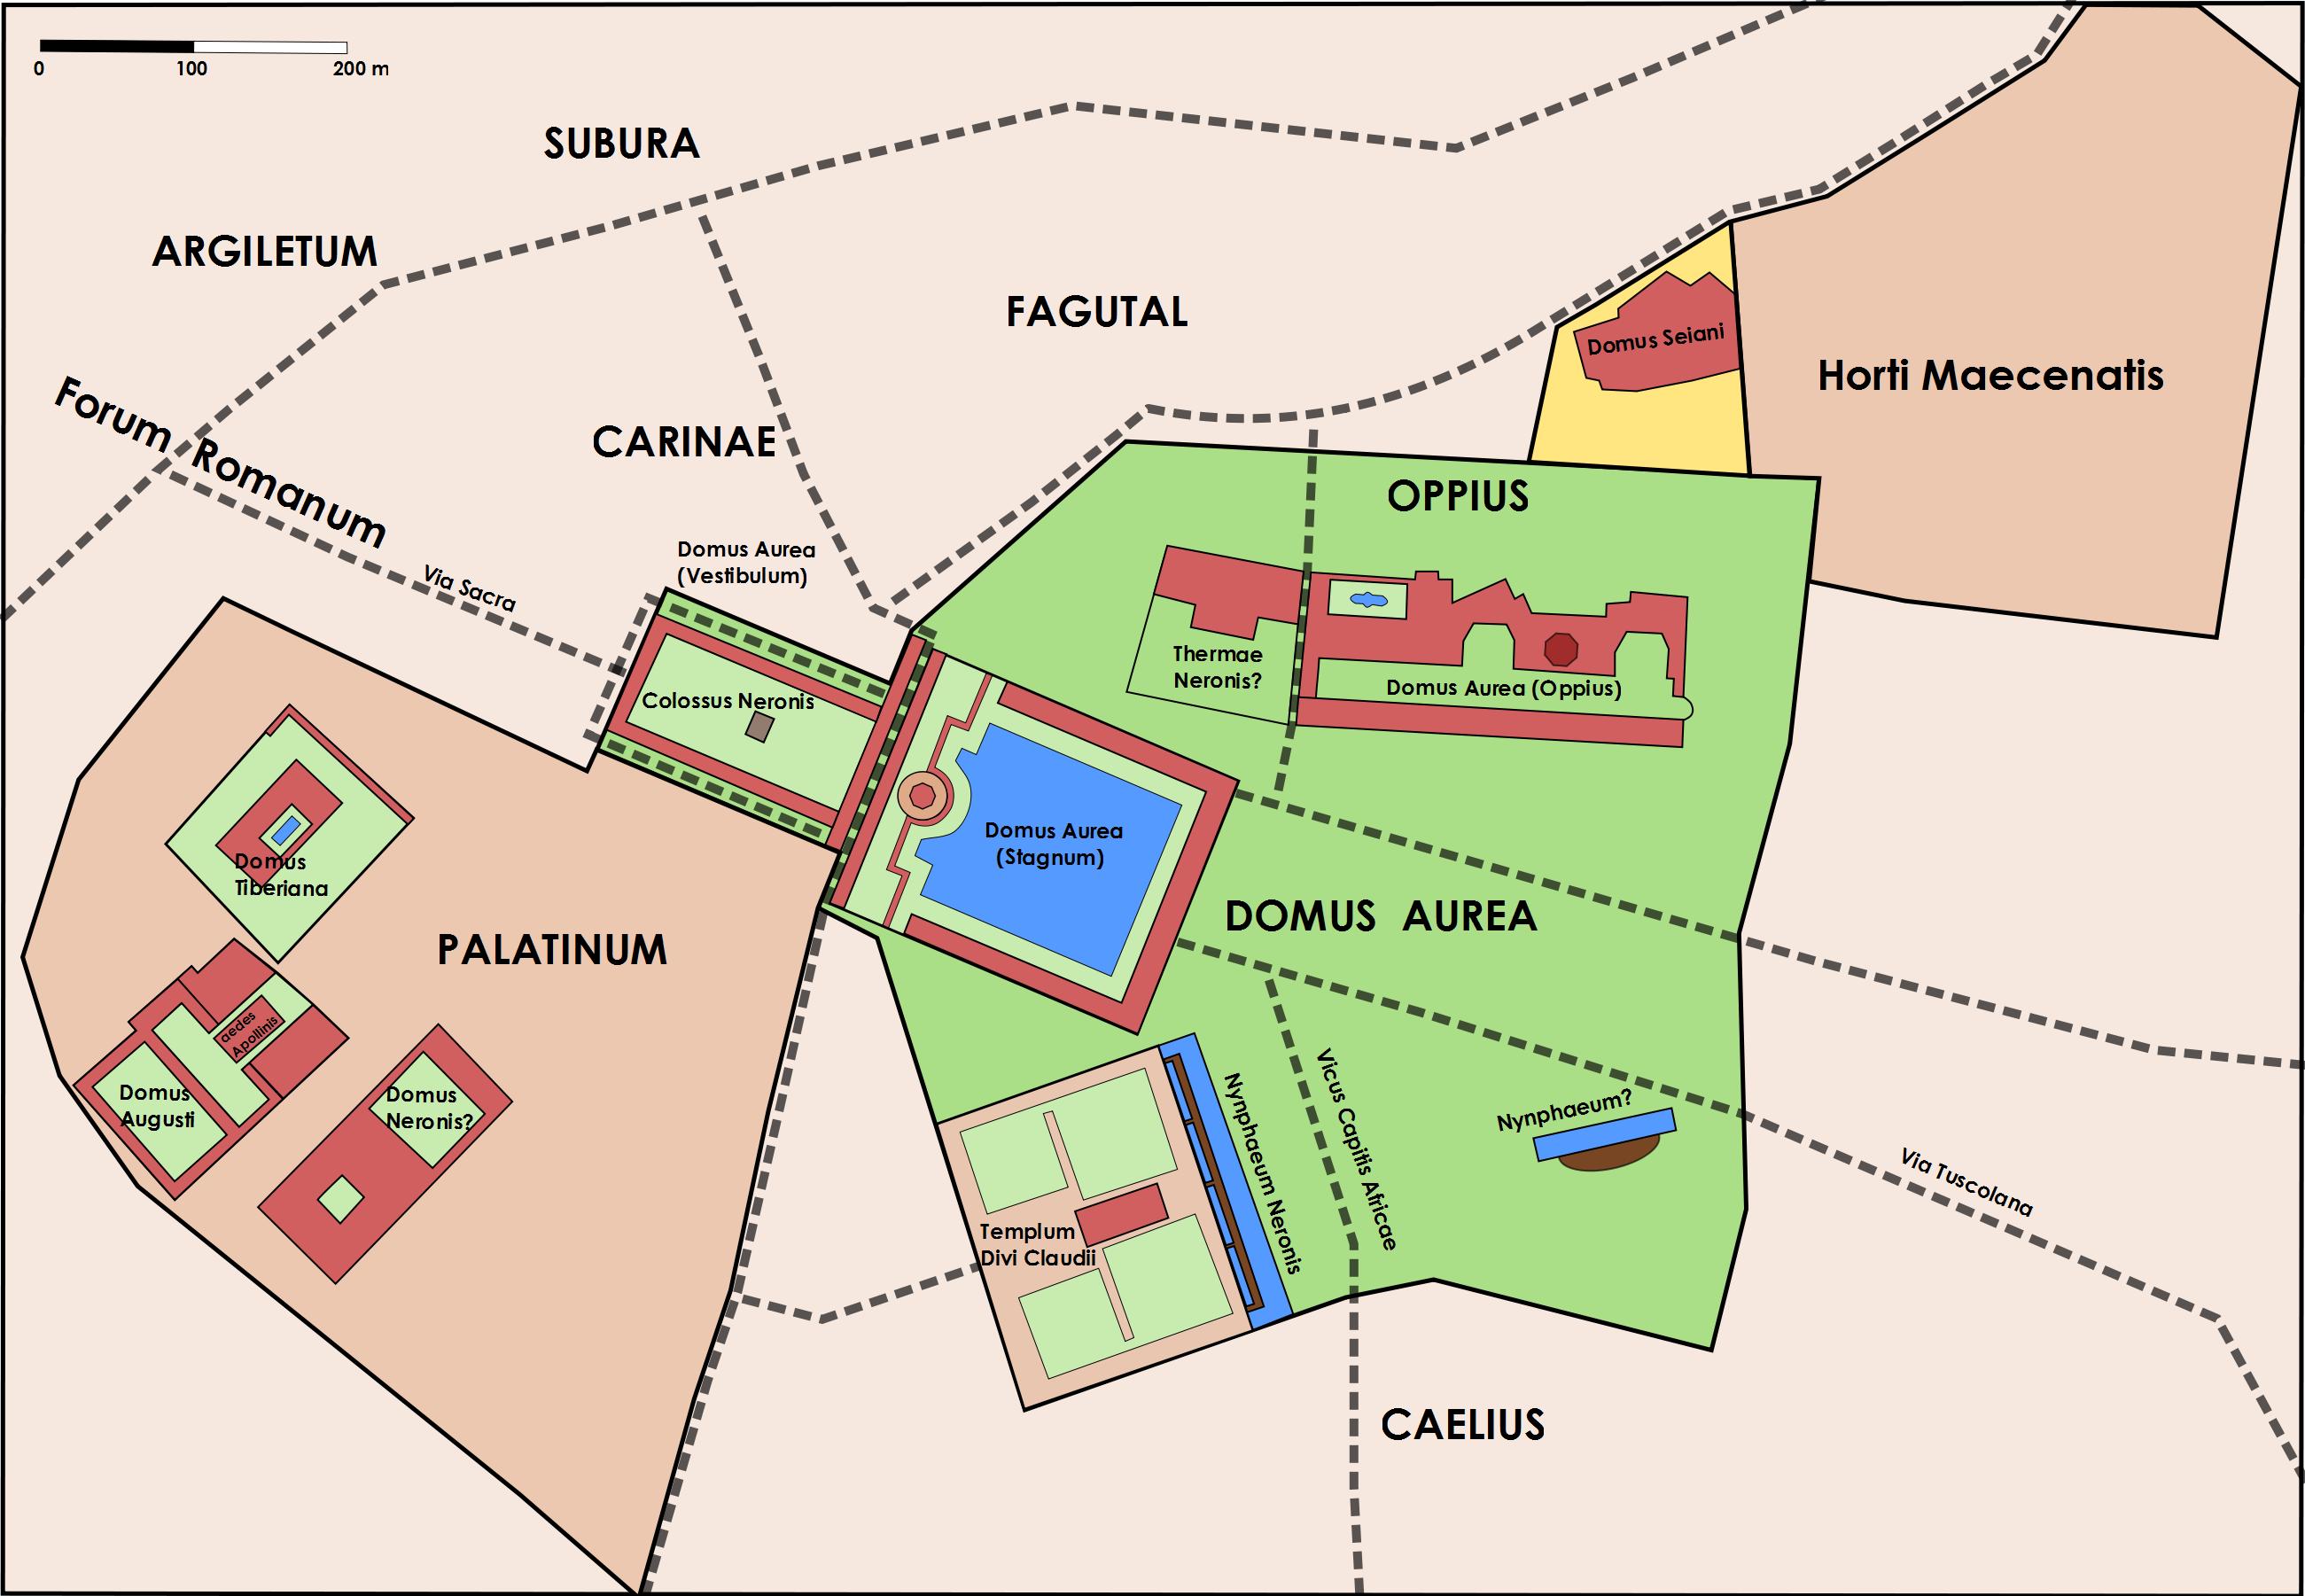 visita guidata: LA RICOSTRUZIONE DEGLI SPAZI DELLA DOMUS AUREA